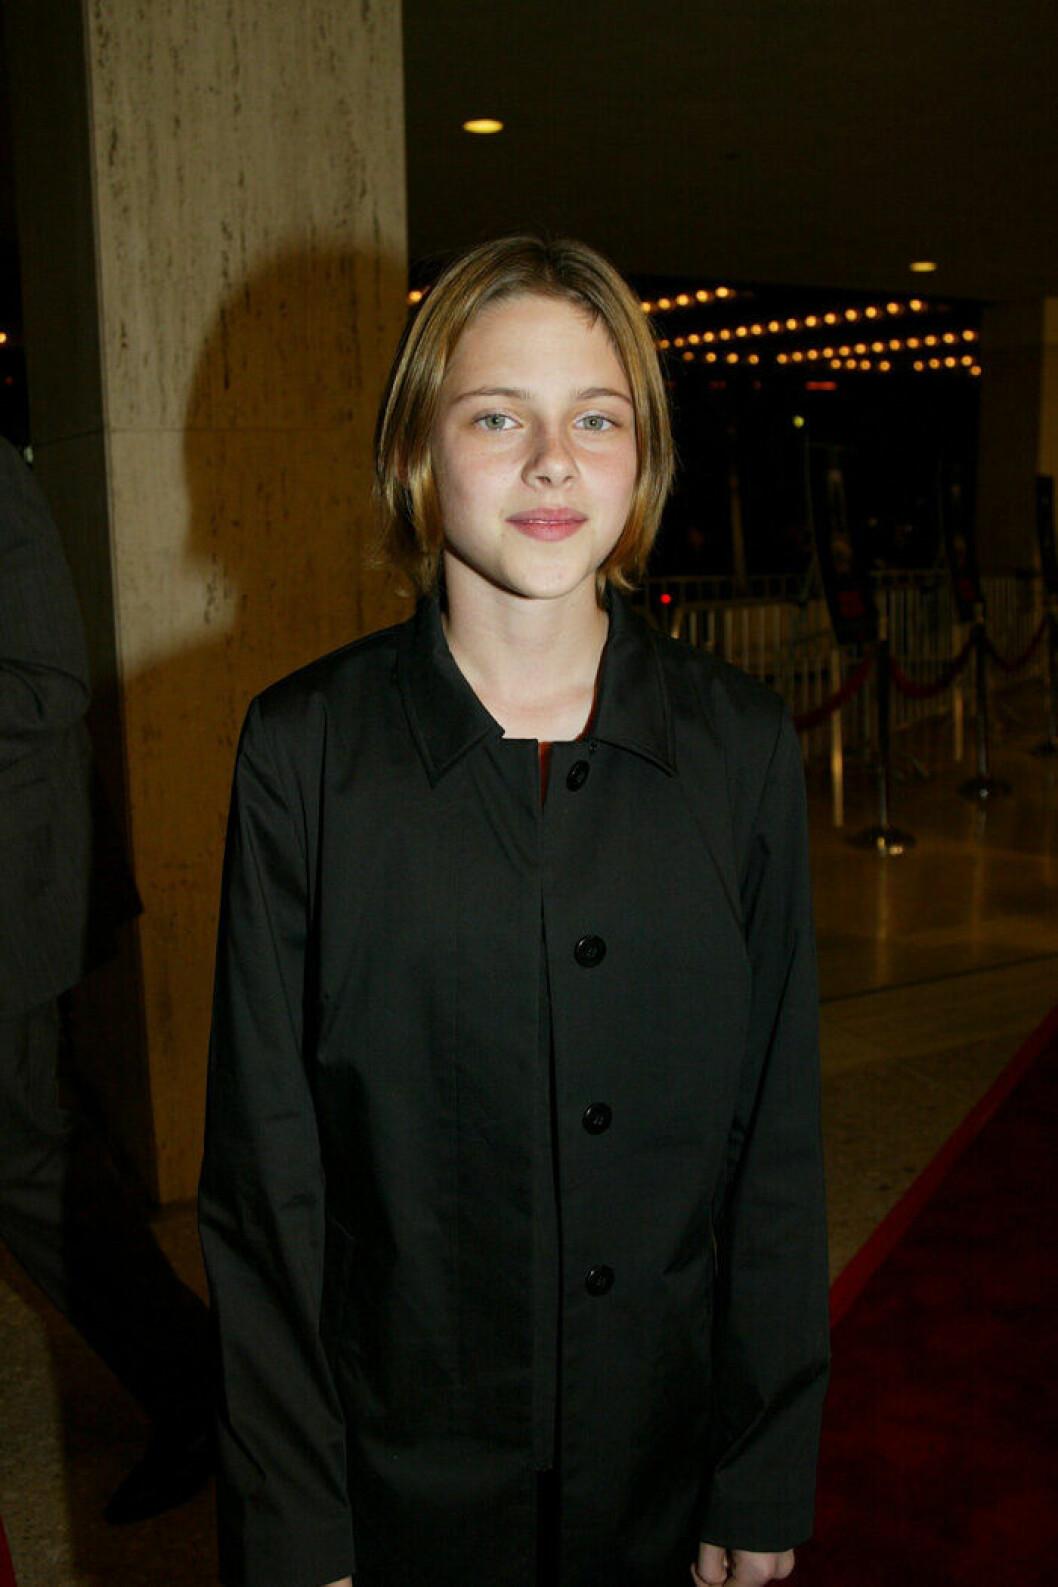 En bild på skådespelerskan Kristen Stewart 2002.